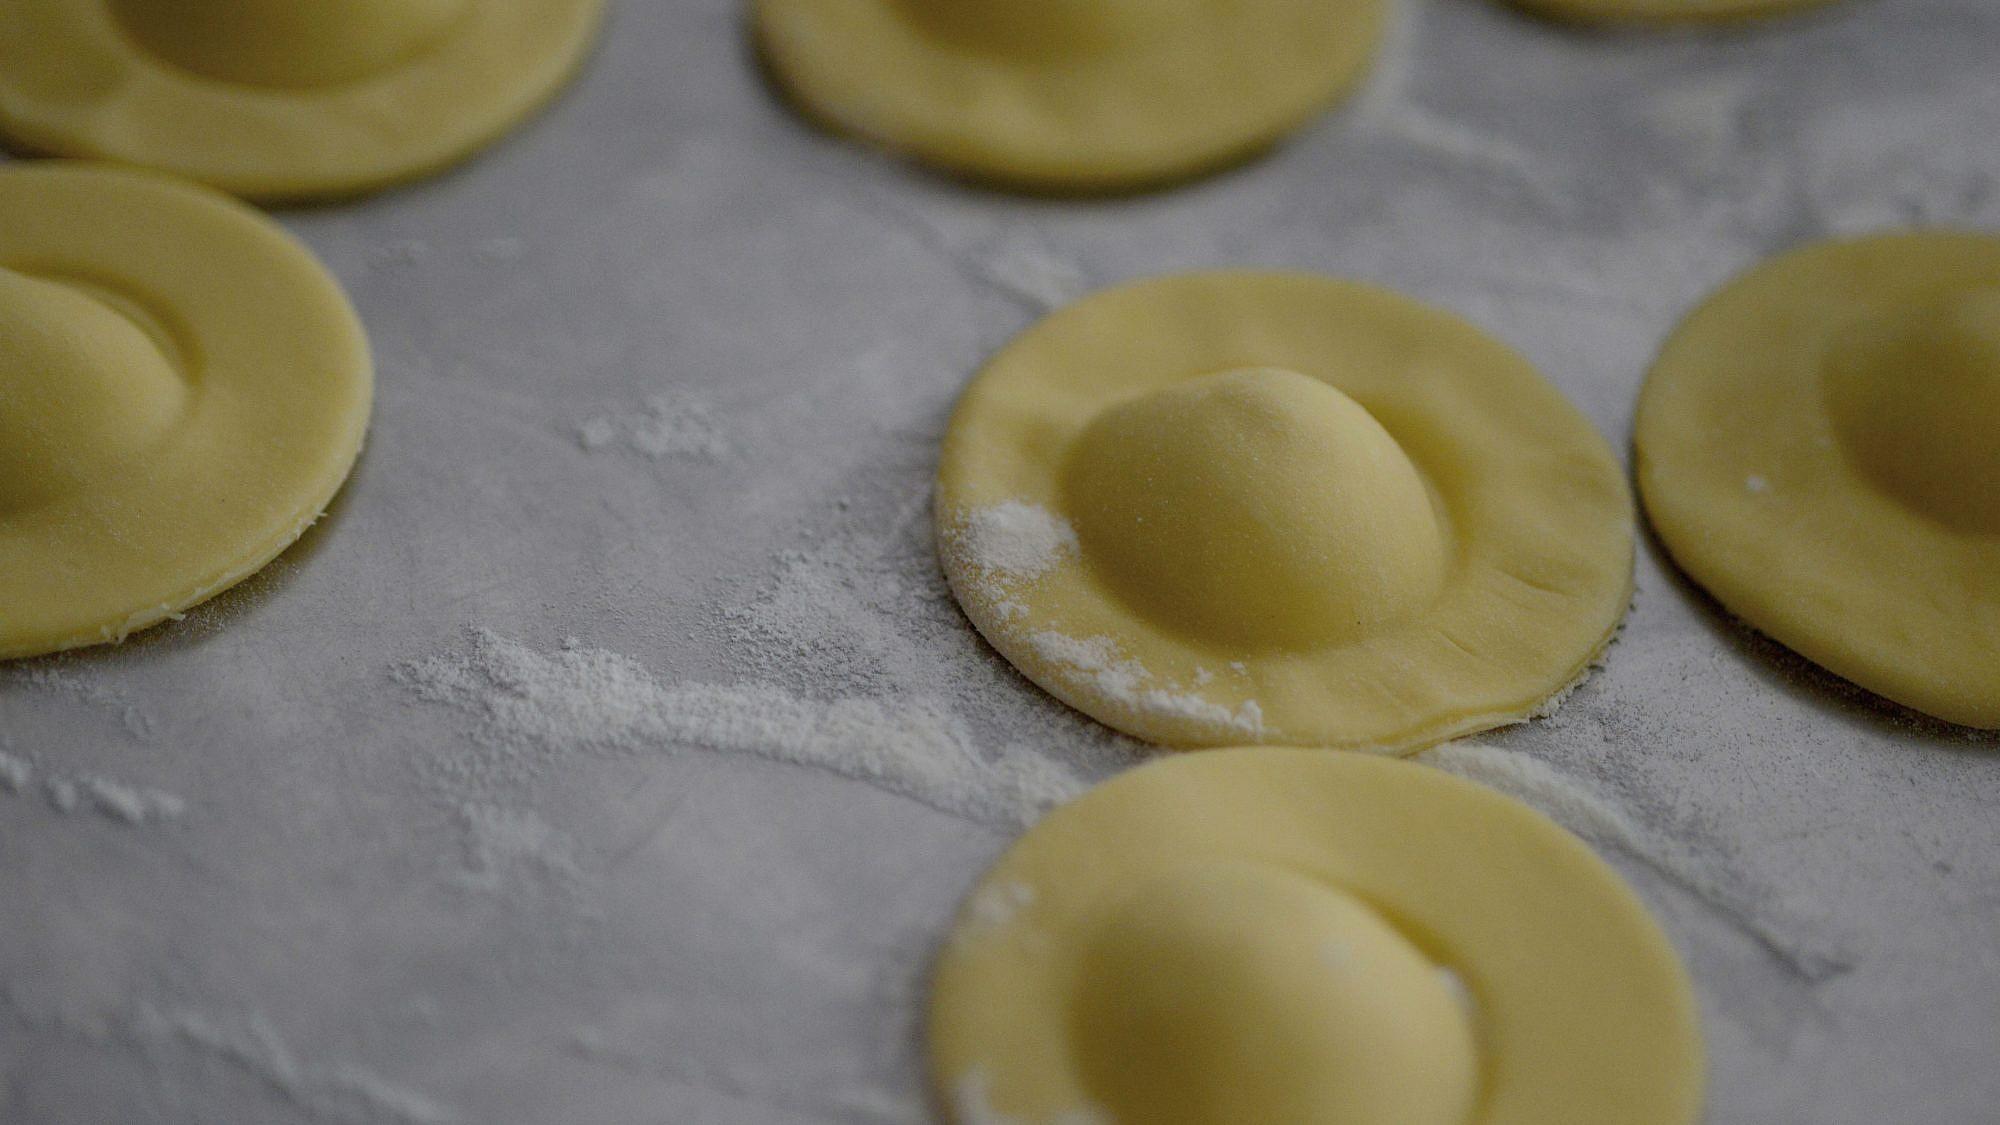 רביולי סרטנים של שף איתן ונונו. צילום: רן בירן